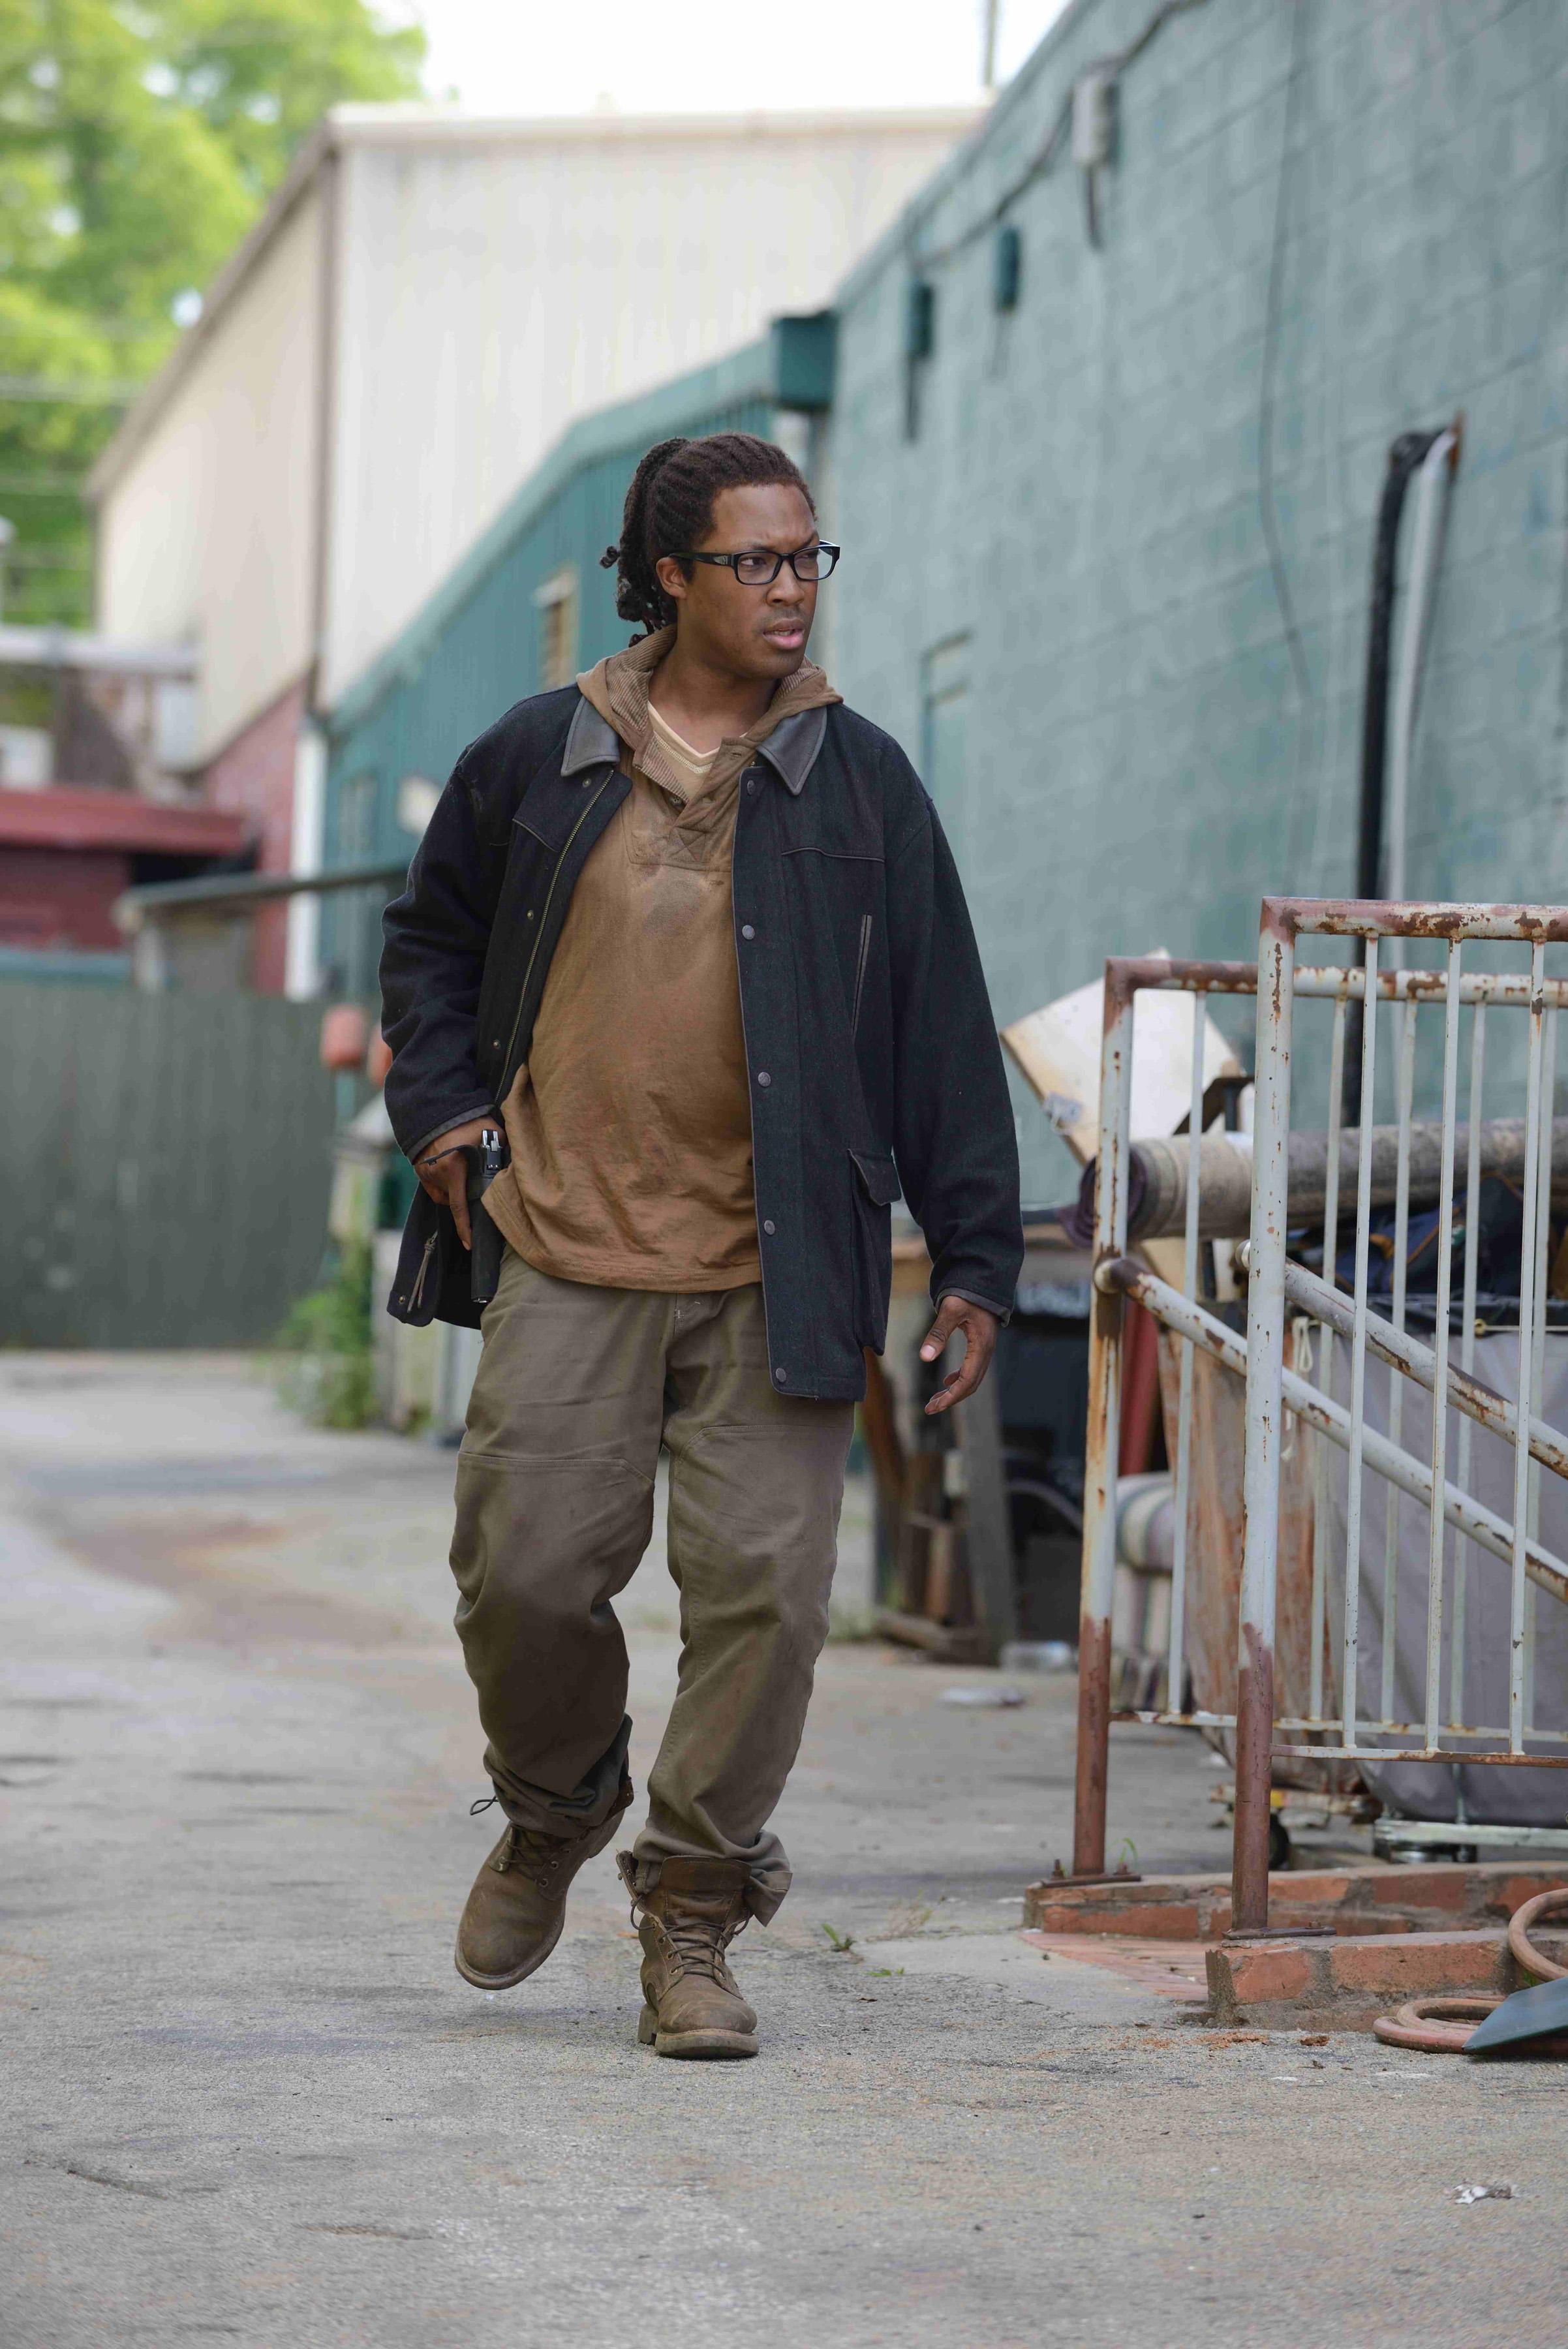 Walking dead season 6 premiere date in Brisbane